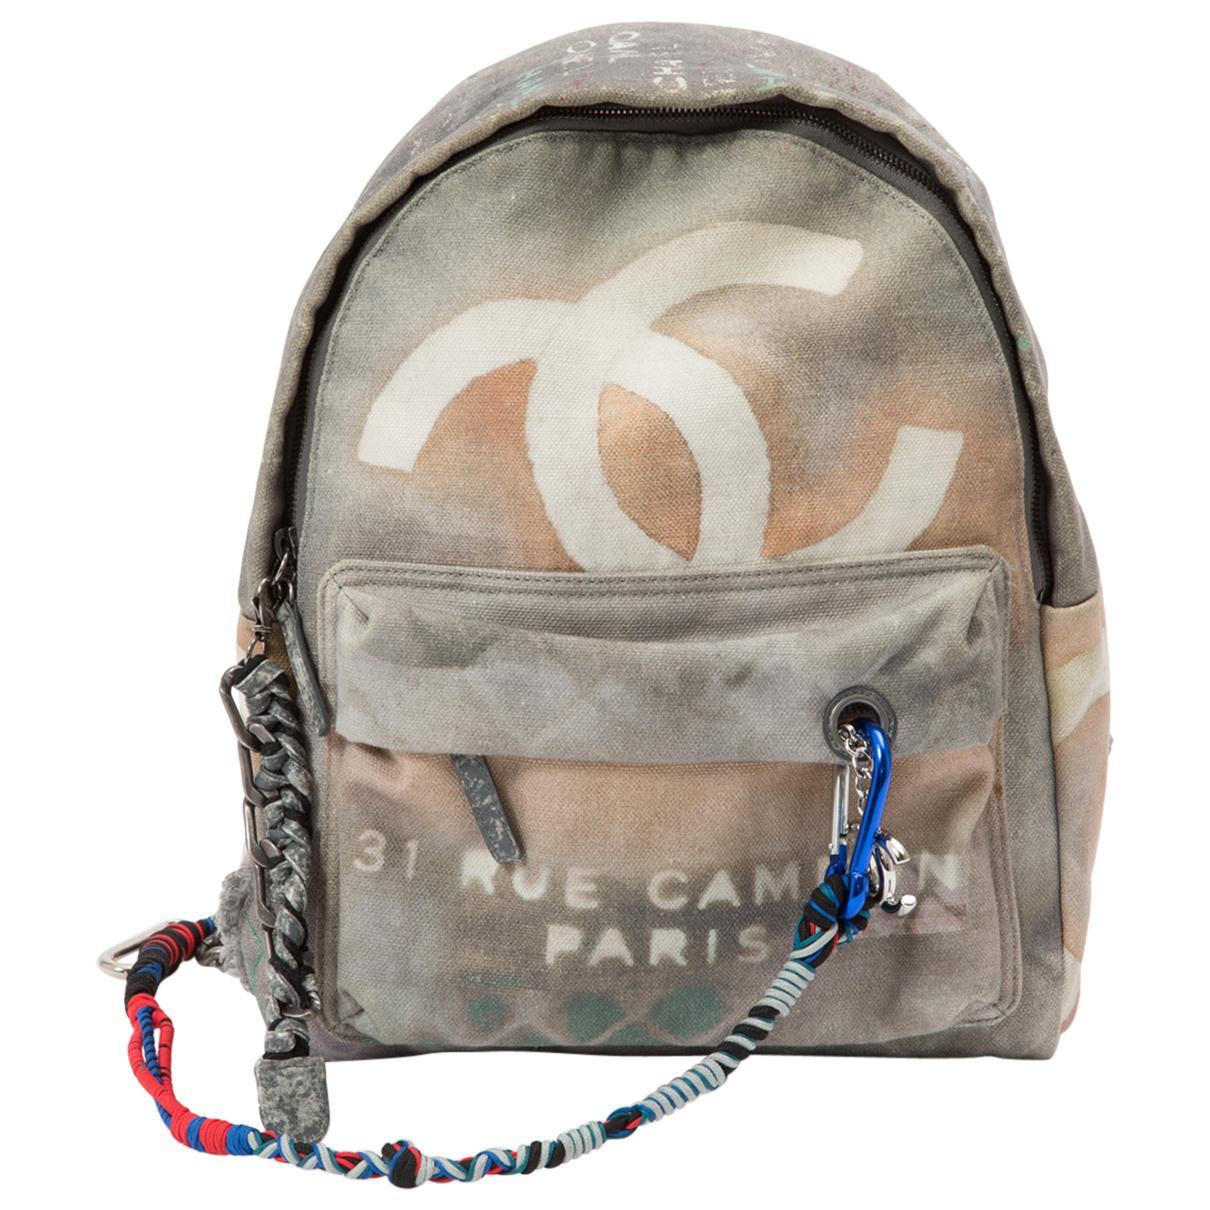 06eda600a6df Chanel Graffiti Backpack - Lyst